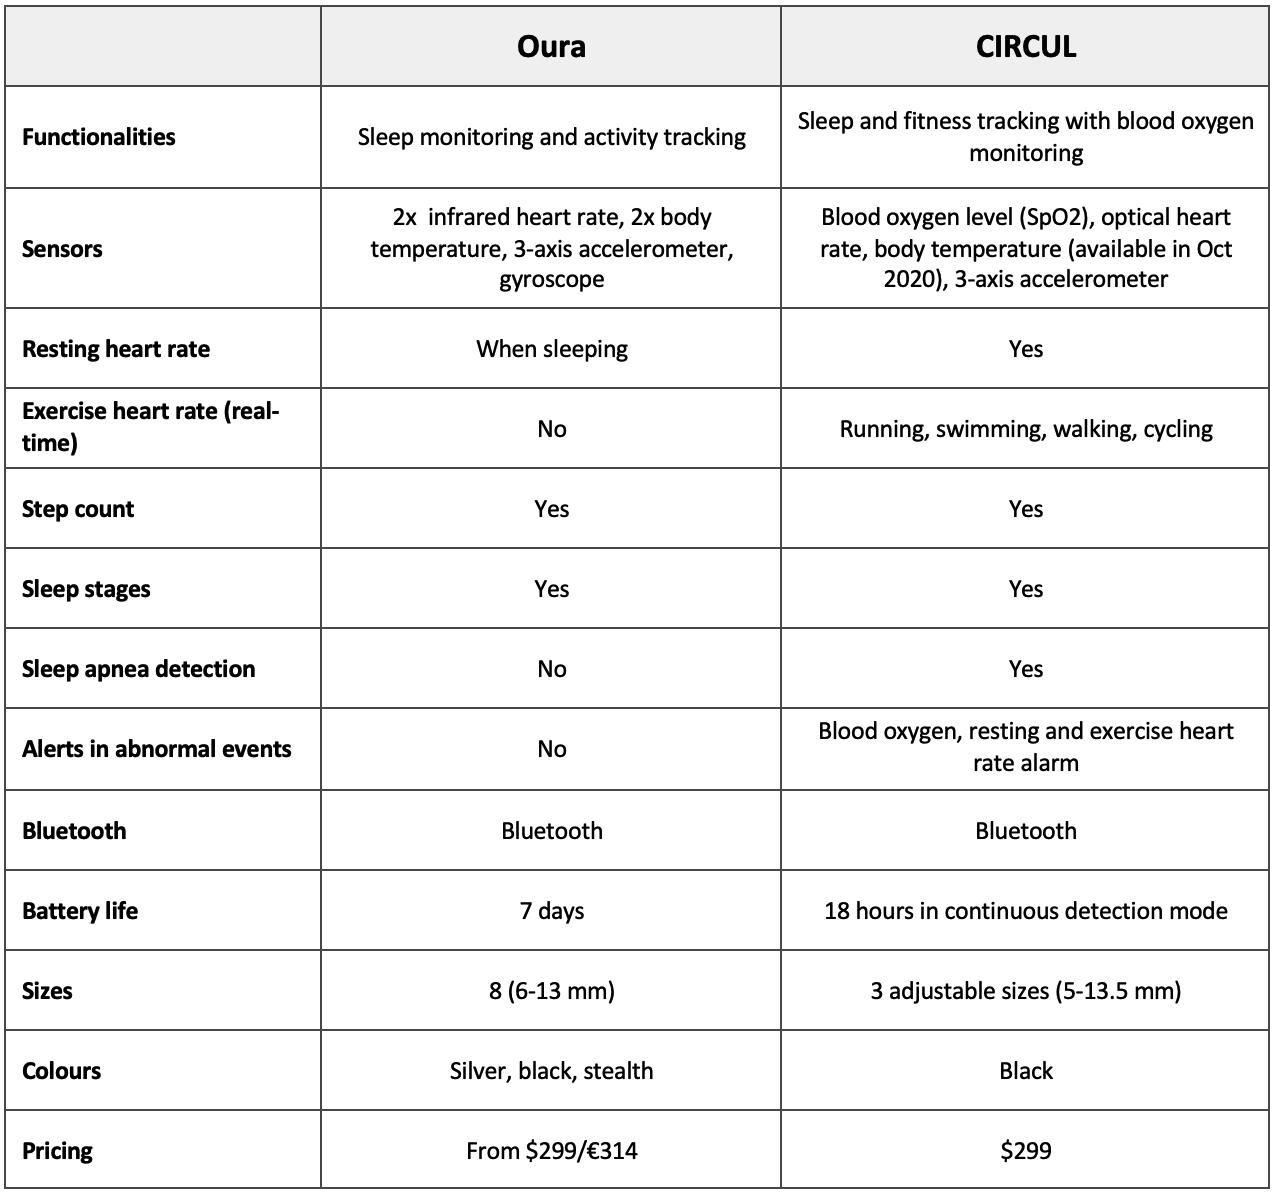 Oura vs CIRCUL smart ring comparison table